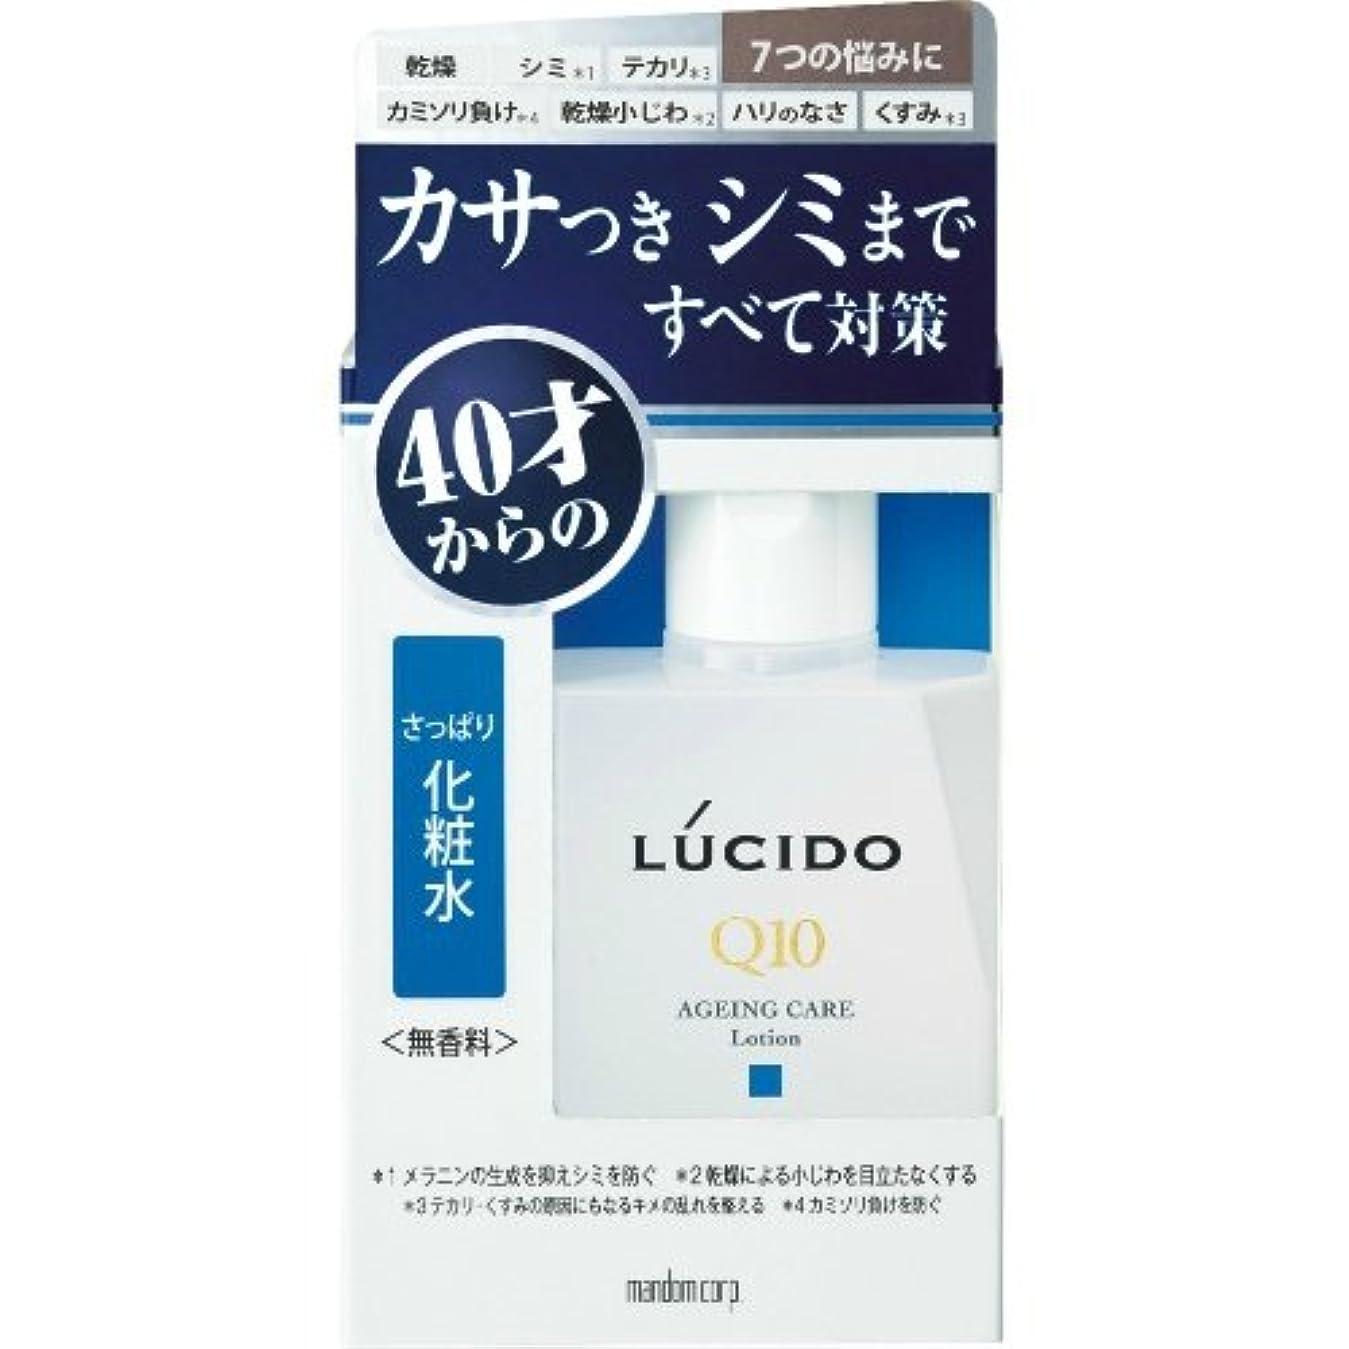 リーンファンタジー原油MANDOM マンダム ルシード 薬用トータルケア さっぱり化粧水 無香料 110ml ×012点セット(4902806107296)